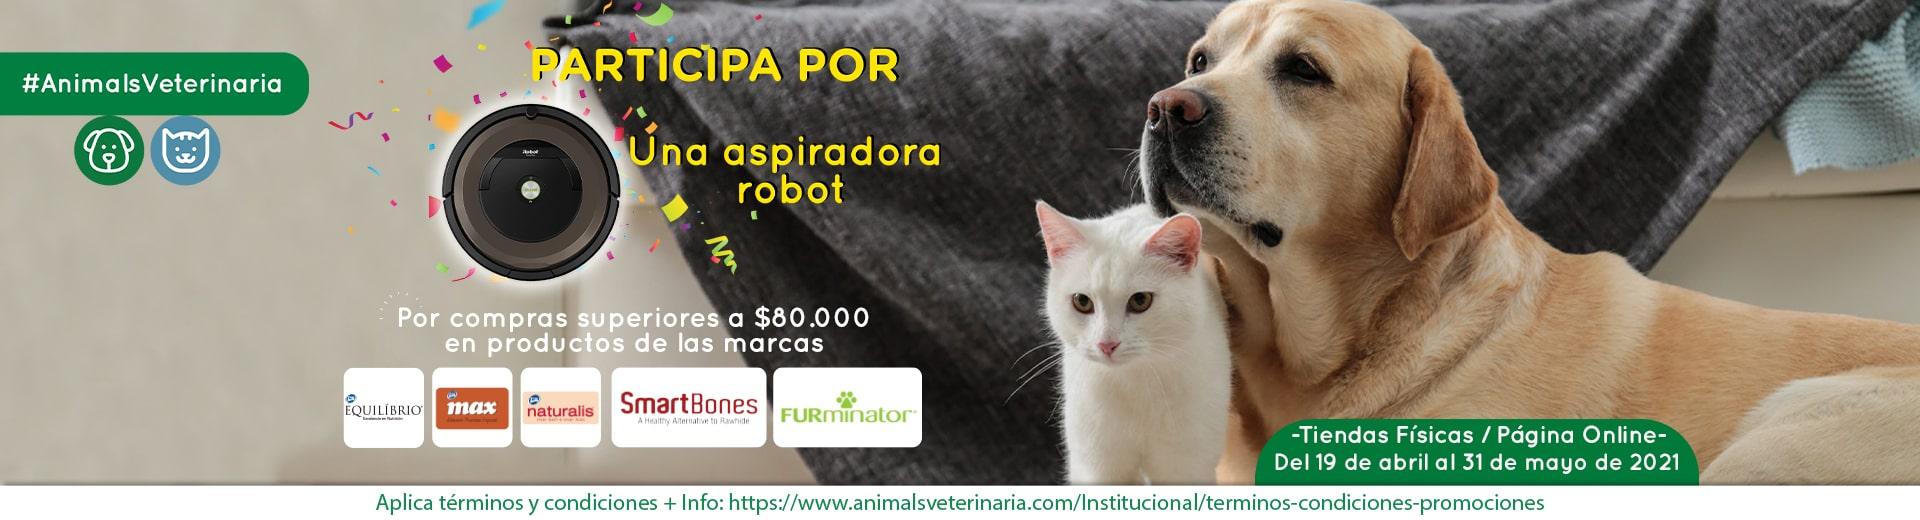 PROMO ALIMENTOS PARA PERROS - Aspiradora Robot